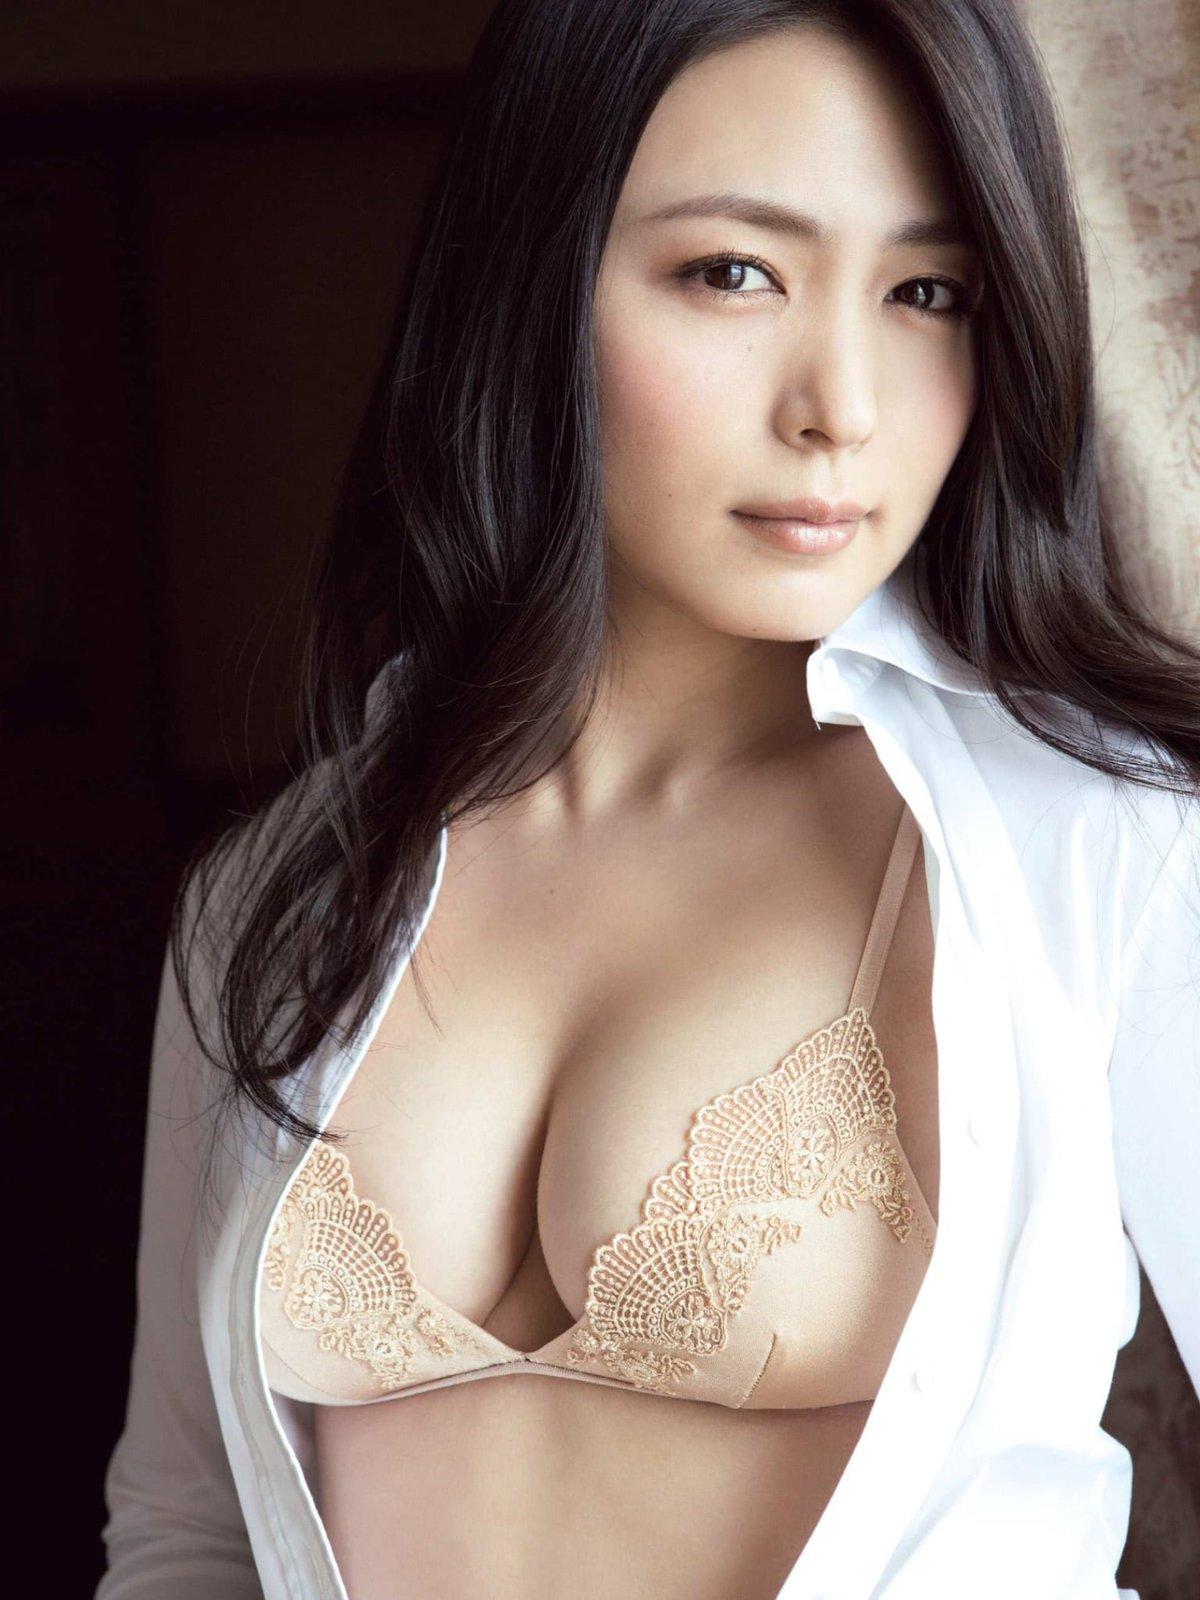 川村ゆきえ 限界超えエロス美熟ボディ&競艇おっぱいセクシー画像